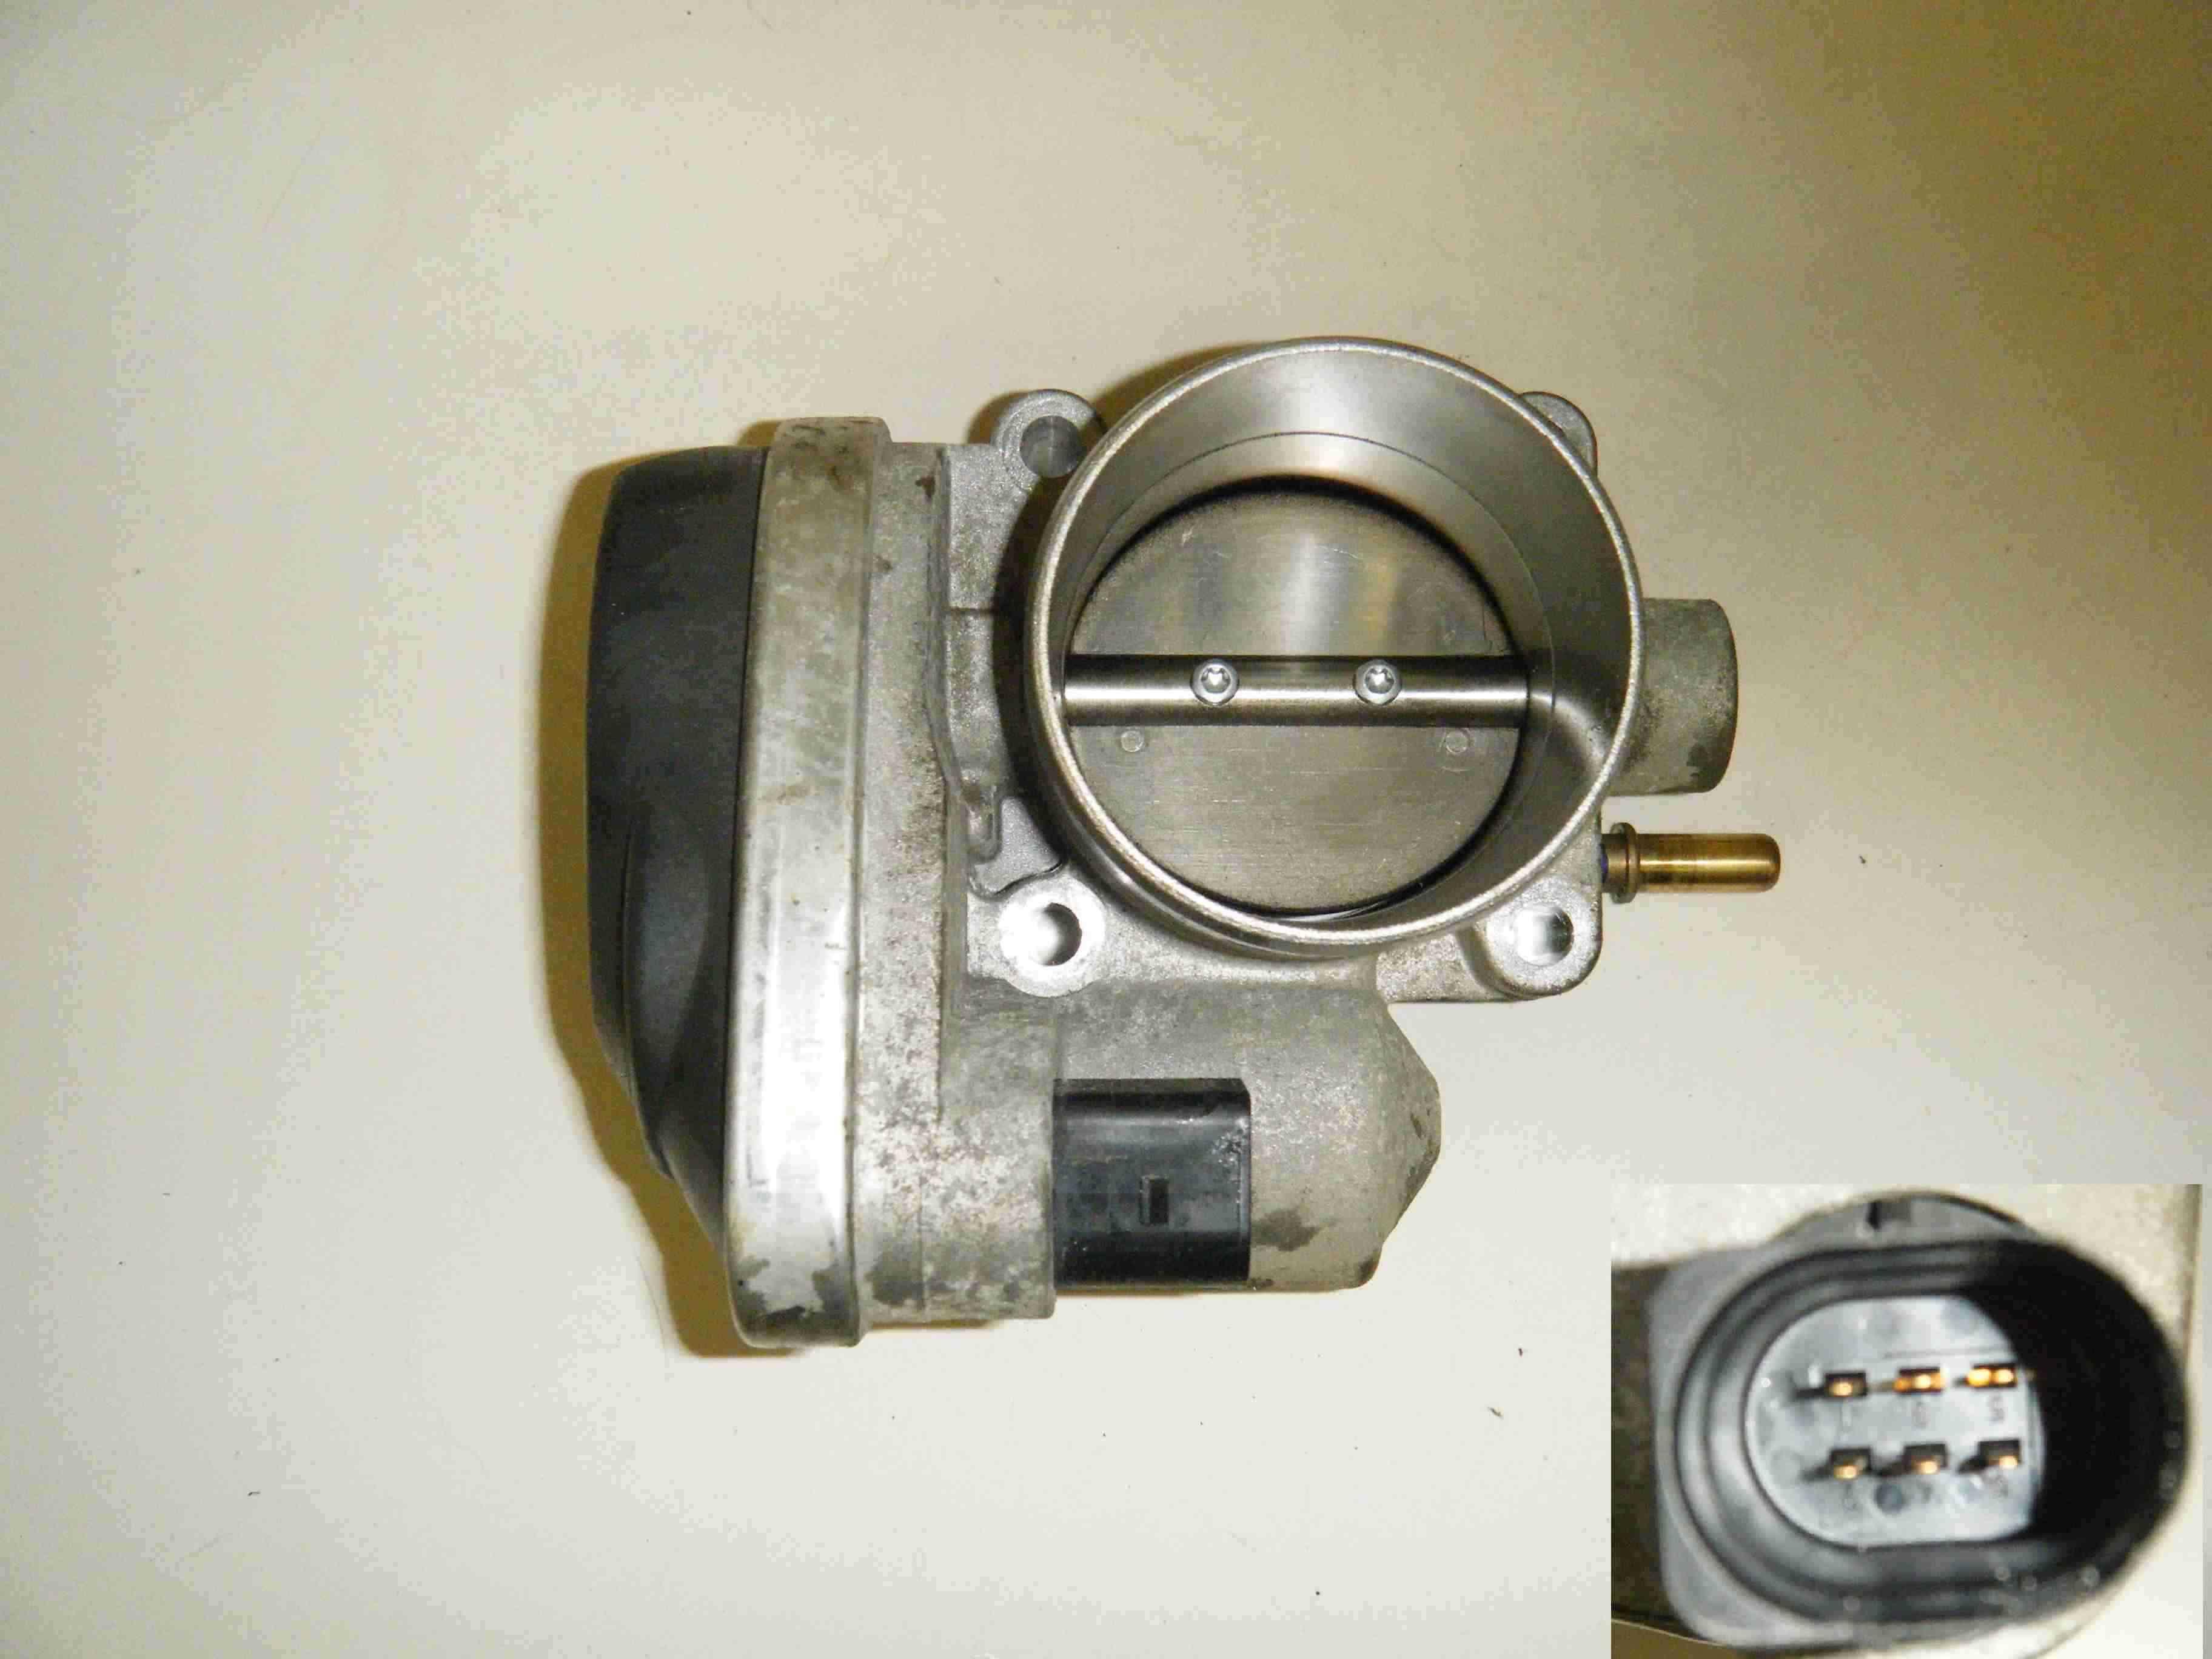 renault clio mk3 2005 2009 1 4 1 6 16v throttle body. Black Bedroom Furniture Sets. Home Design Ideas